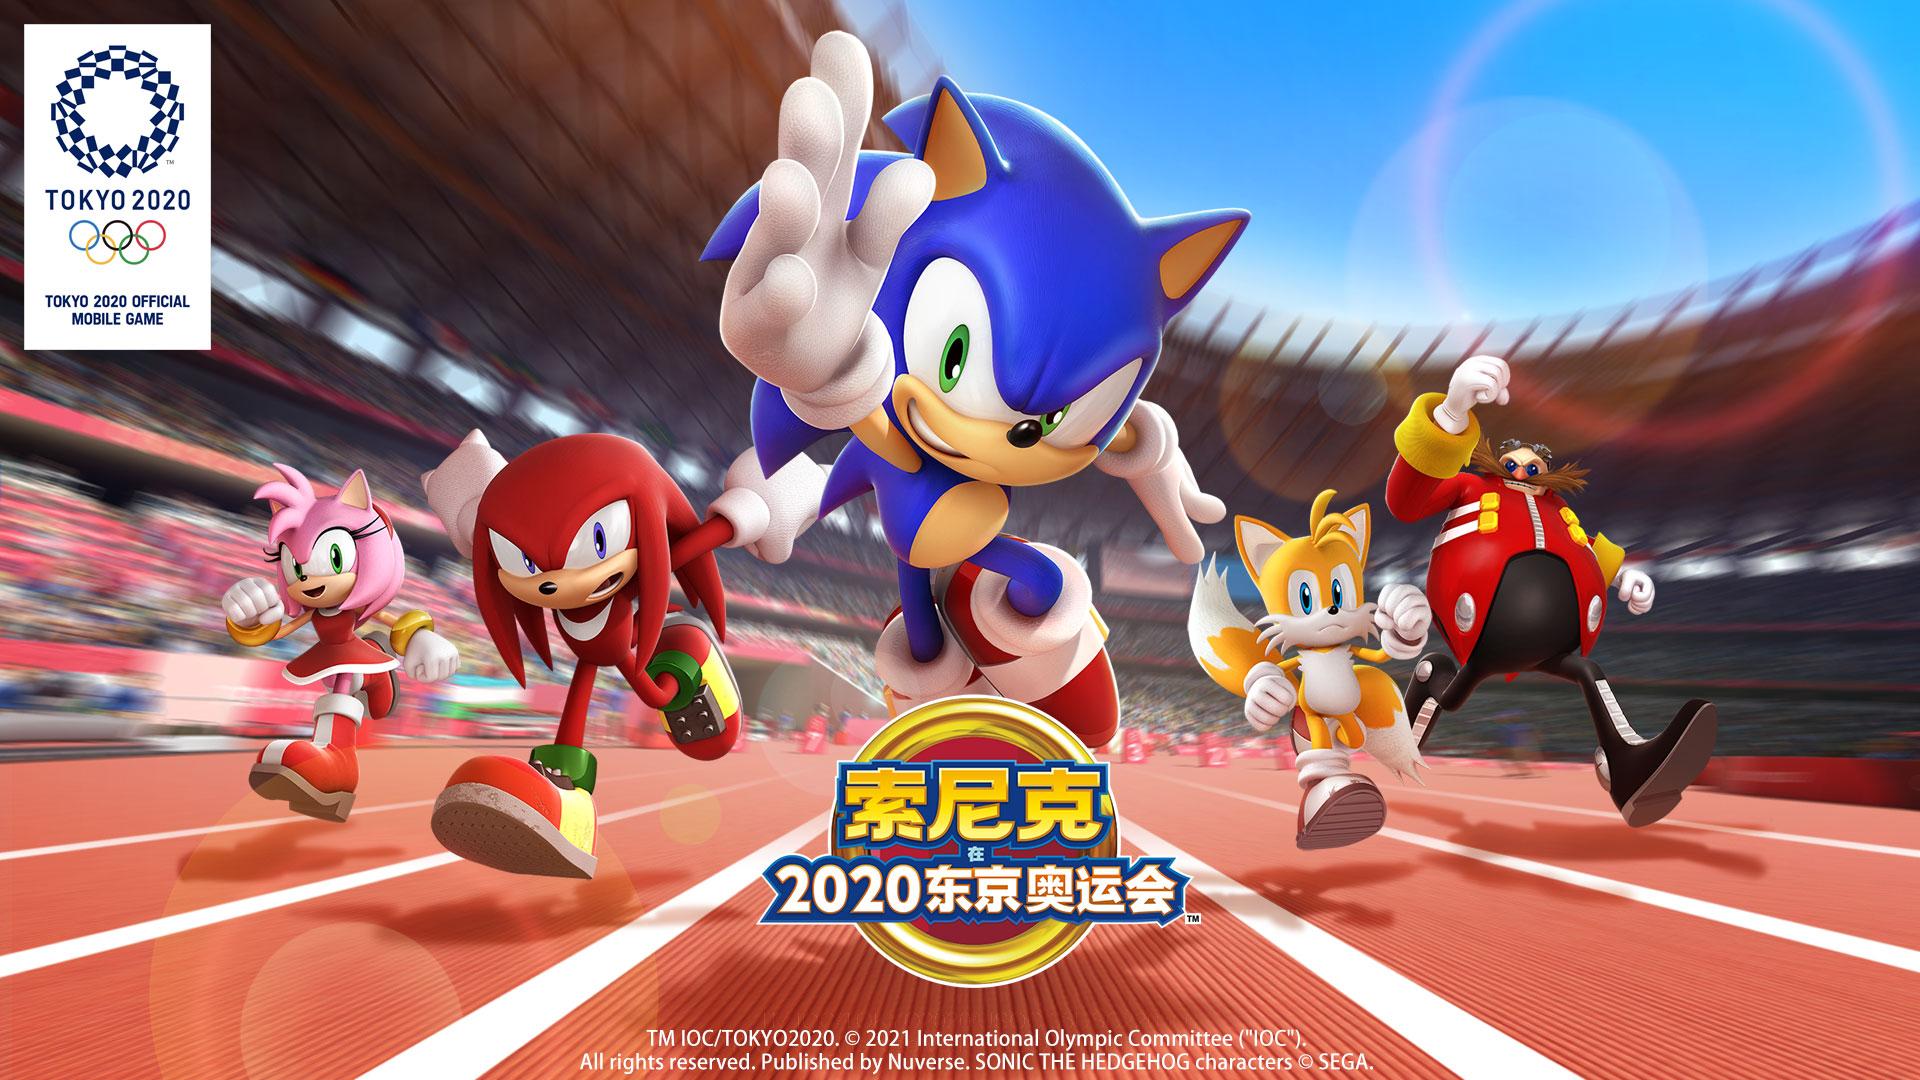 2020东京奥运会官方手游《索尼克在2020东京奥运会》震撼来...